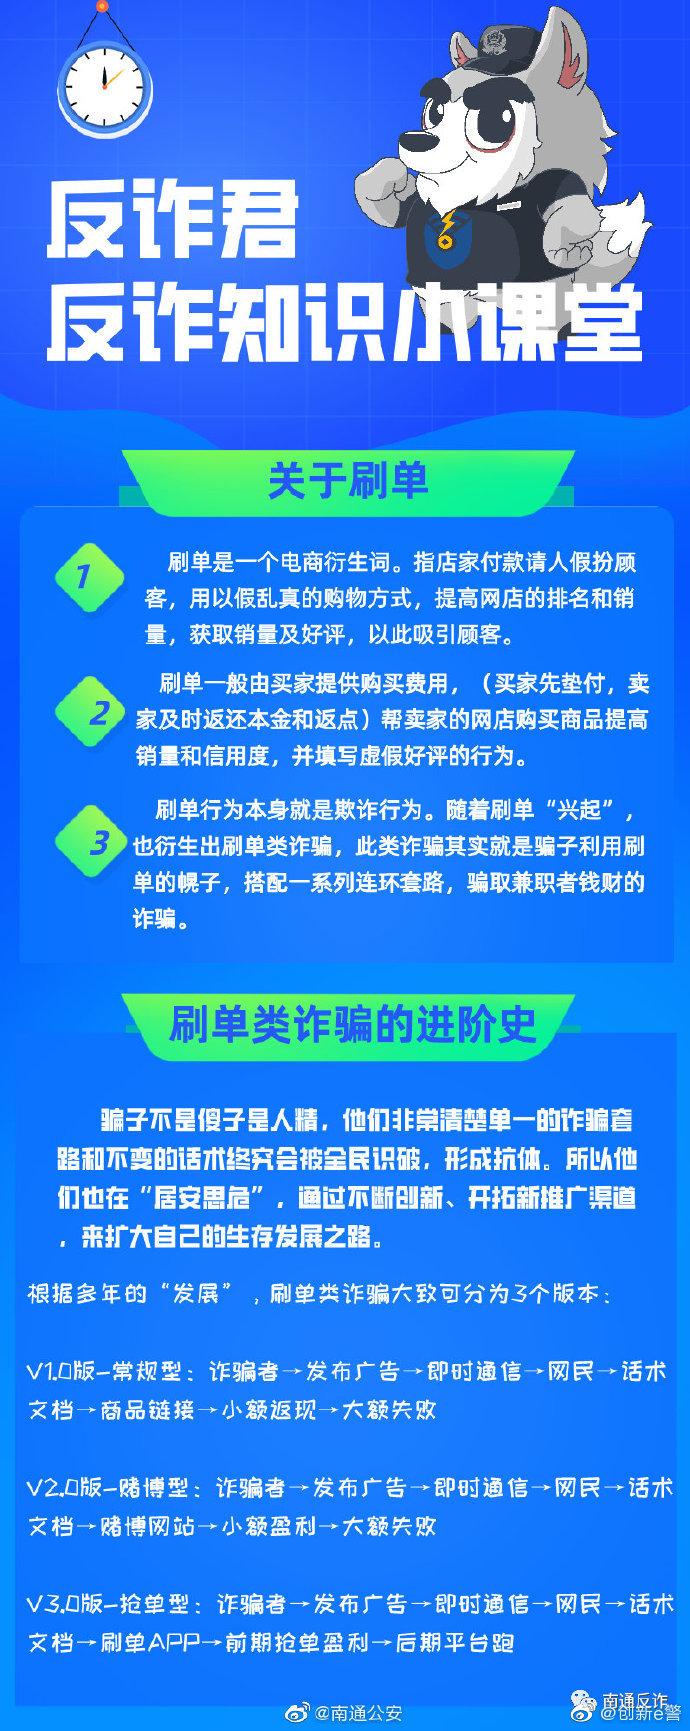 """痴恋""""刷单"""",6天2次中招被骗16万 安全防骗 第1张"""